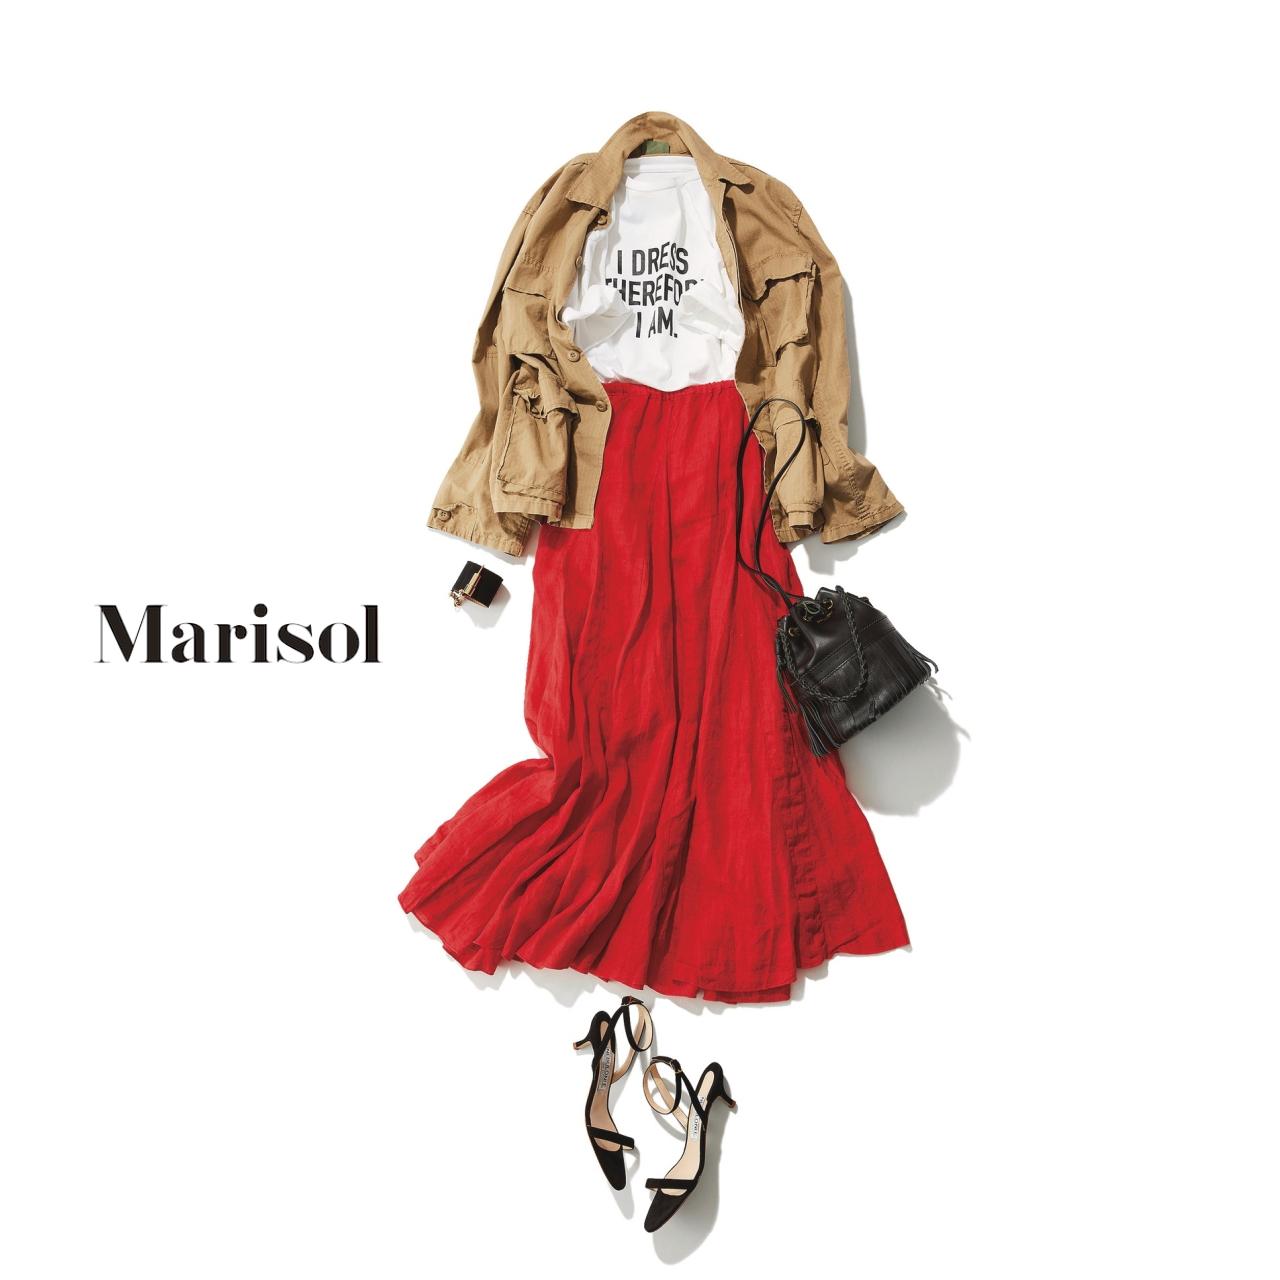 40代が輝く、大人のための上品カジュアルなTシャツコーデカタログ | アラフォーファッション_1_1